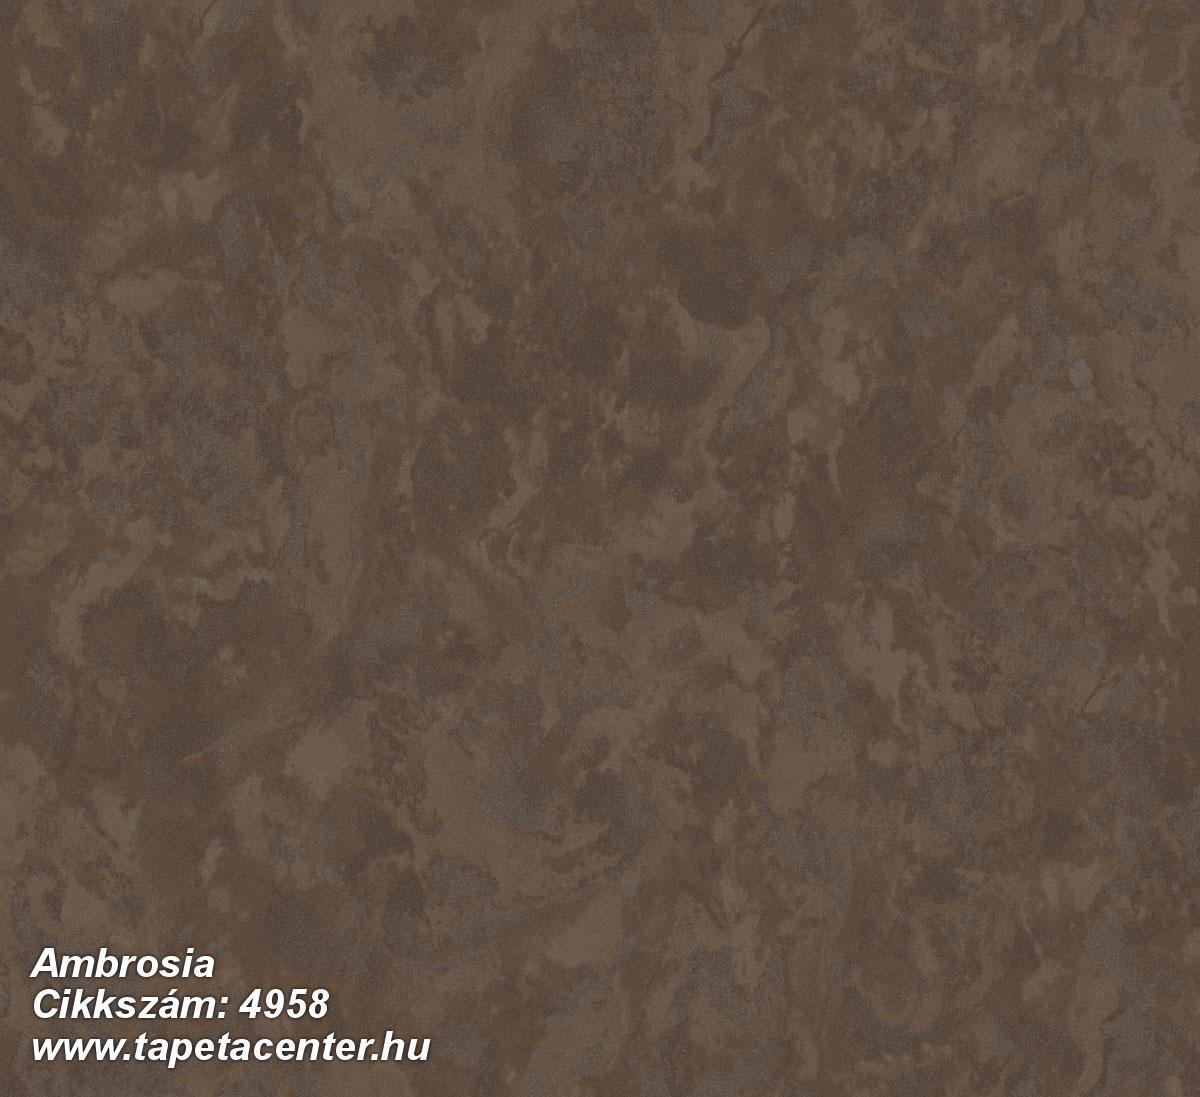 Ambrosia - 4958 Olasz tapéta